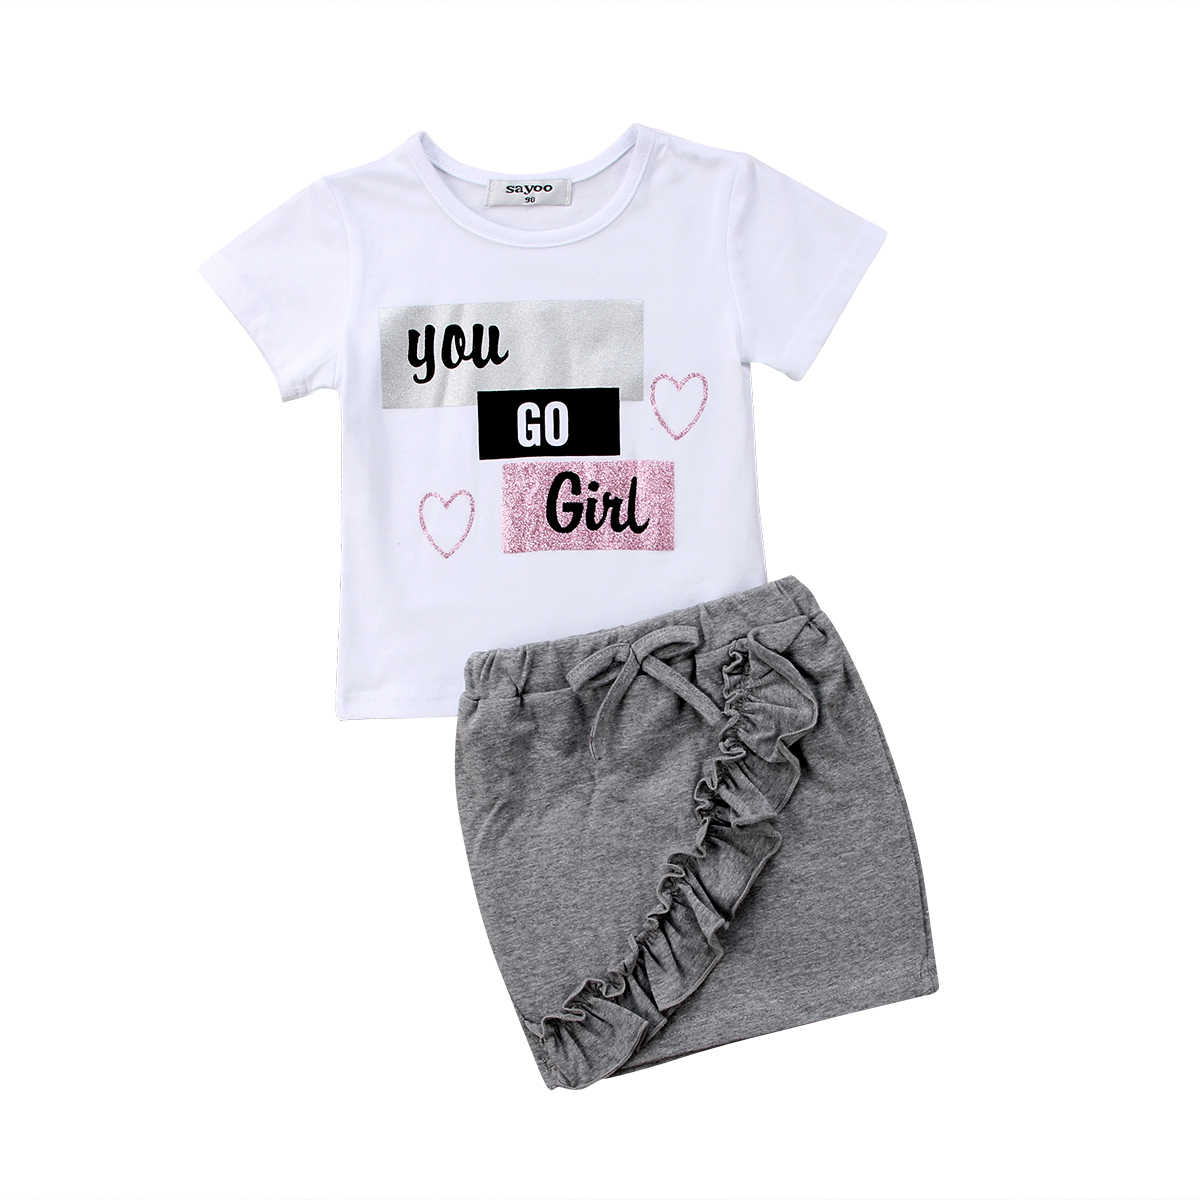 Модные топы с буквенным принтом для маленьких девочек; футболка; мини-юбка; комплект с платьем; одежда